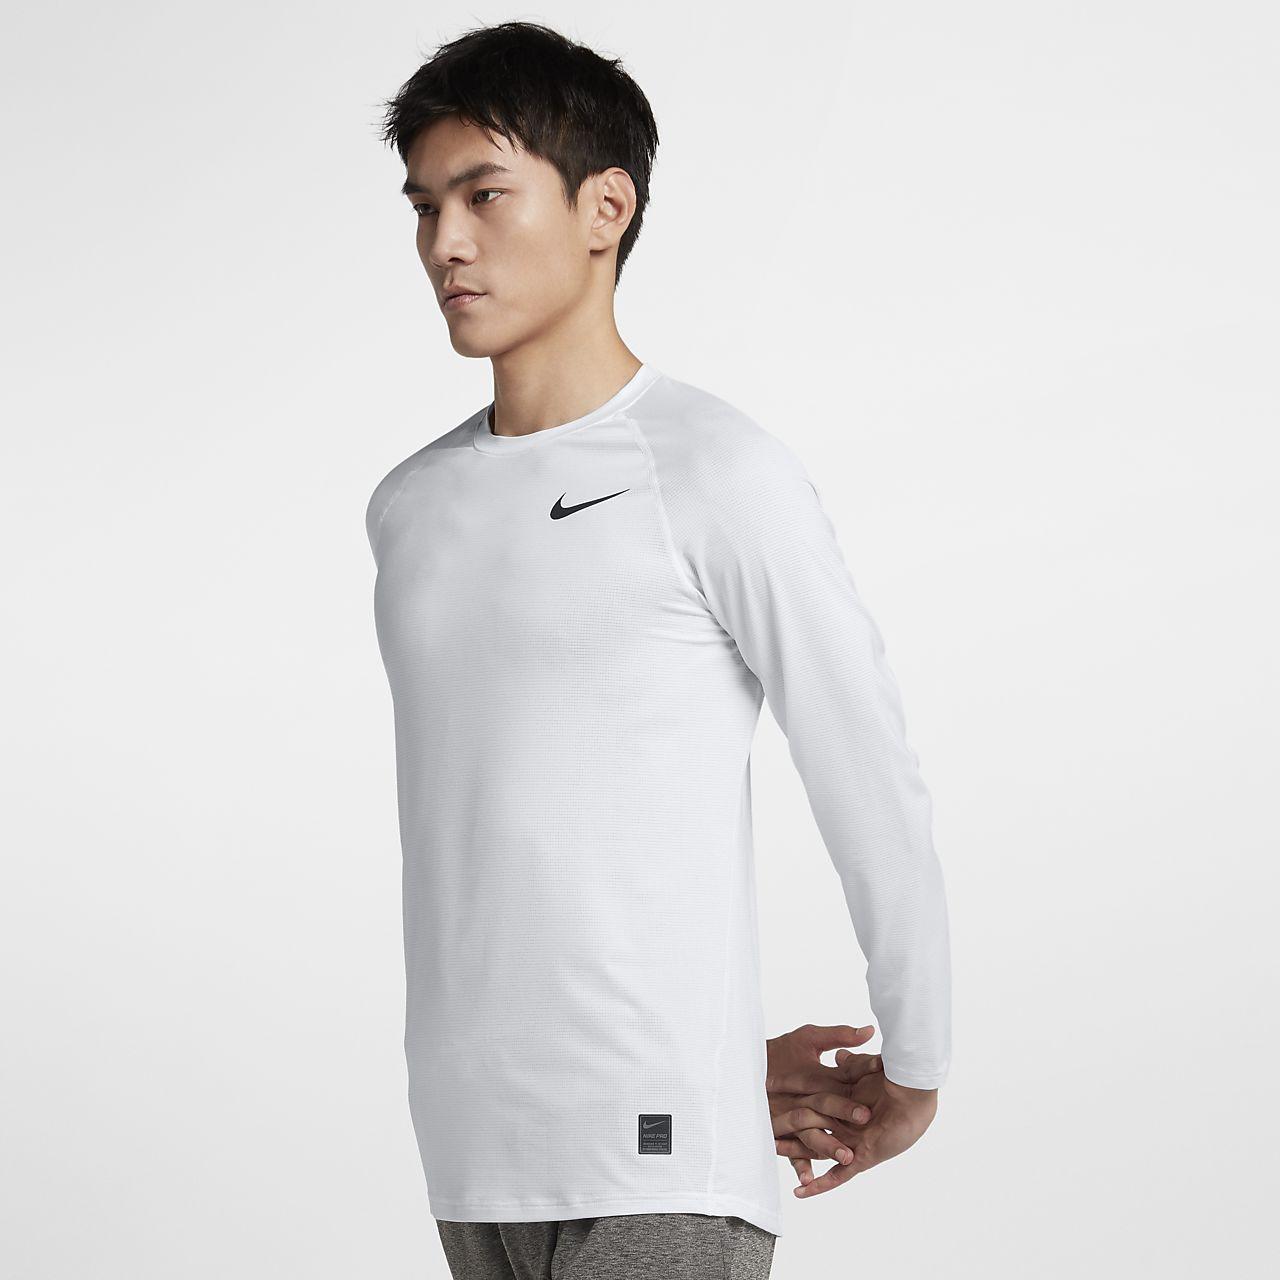 Nike Pro 男子长袖训练上衣